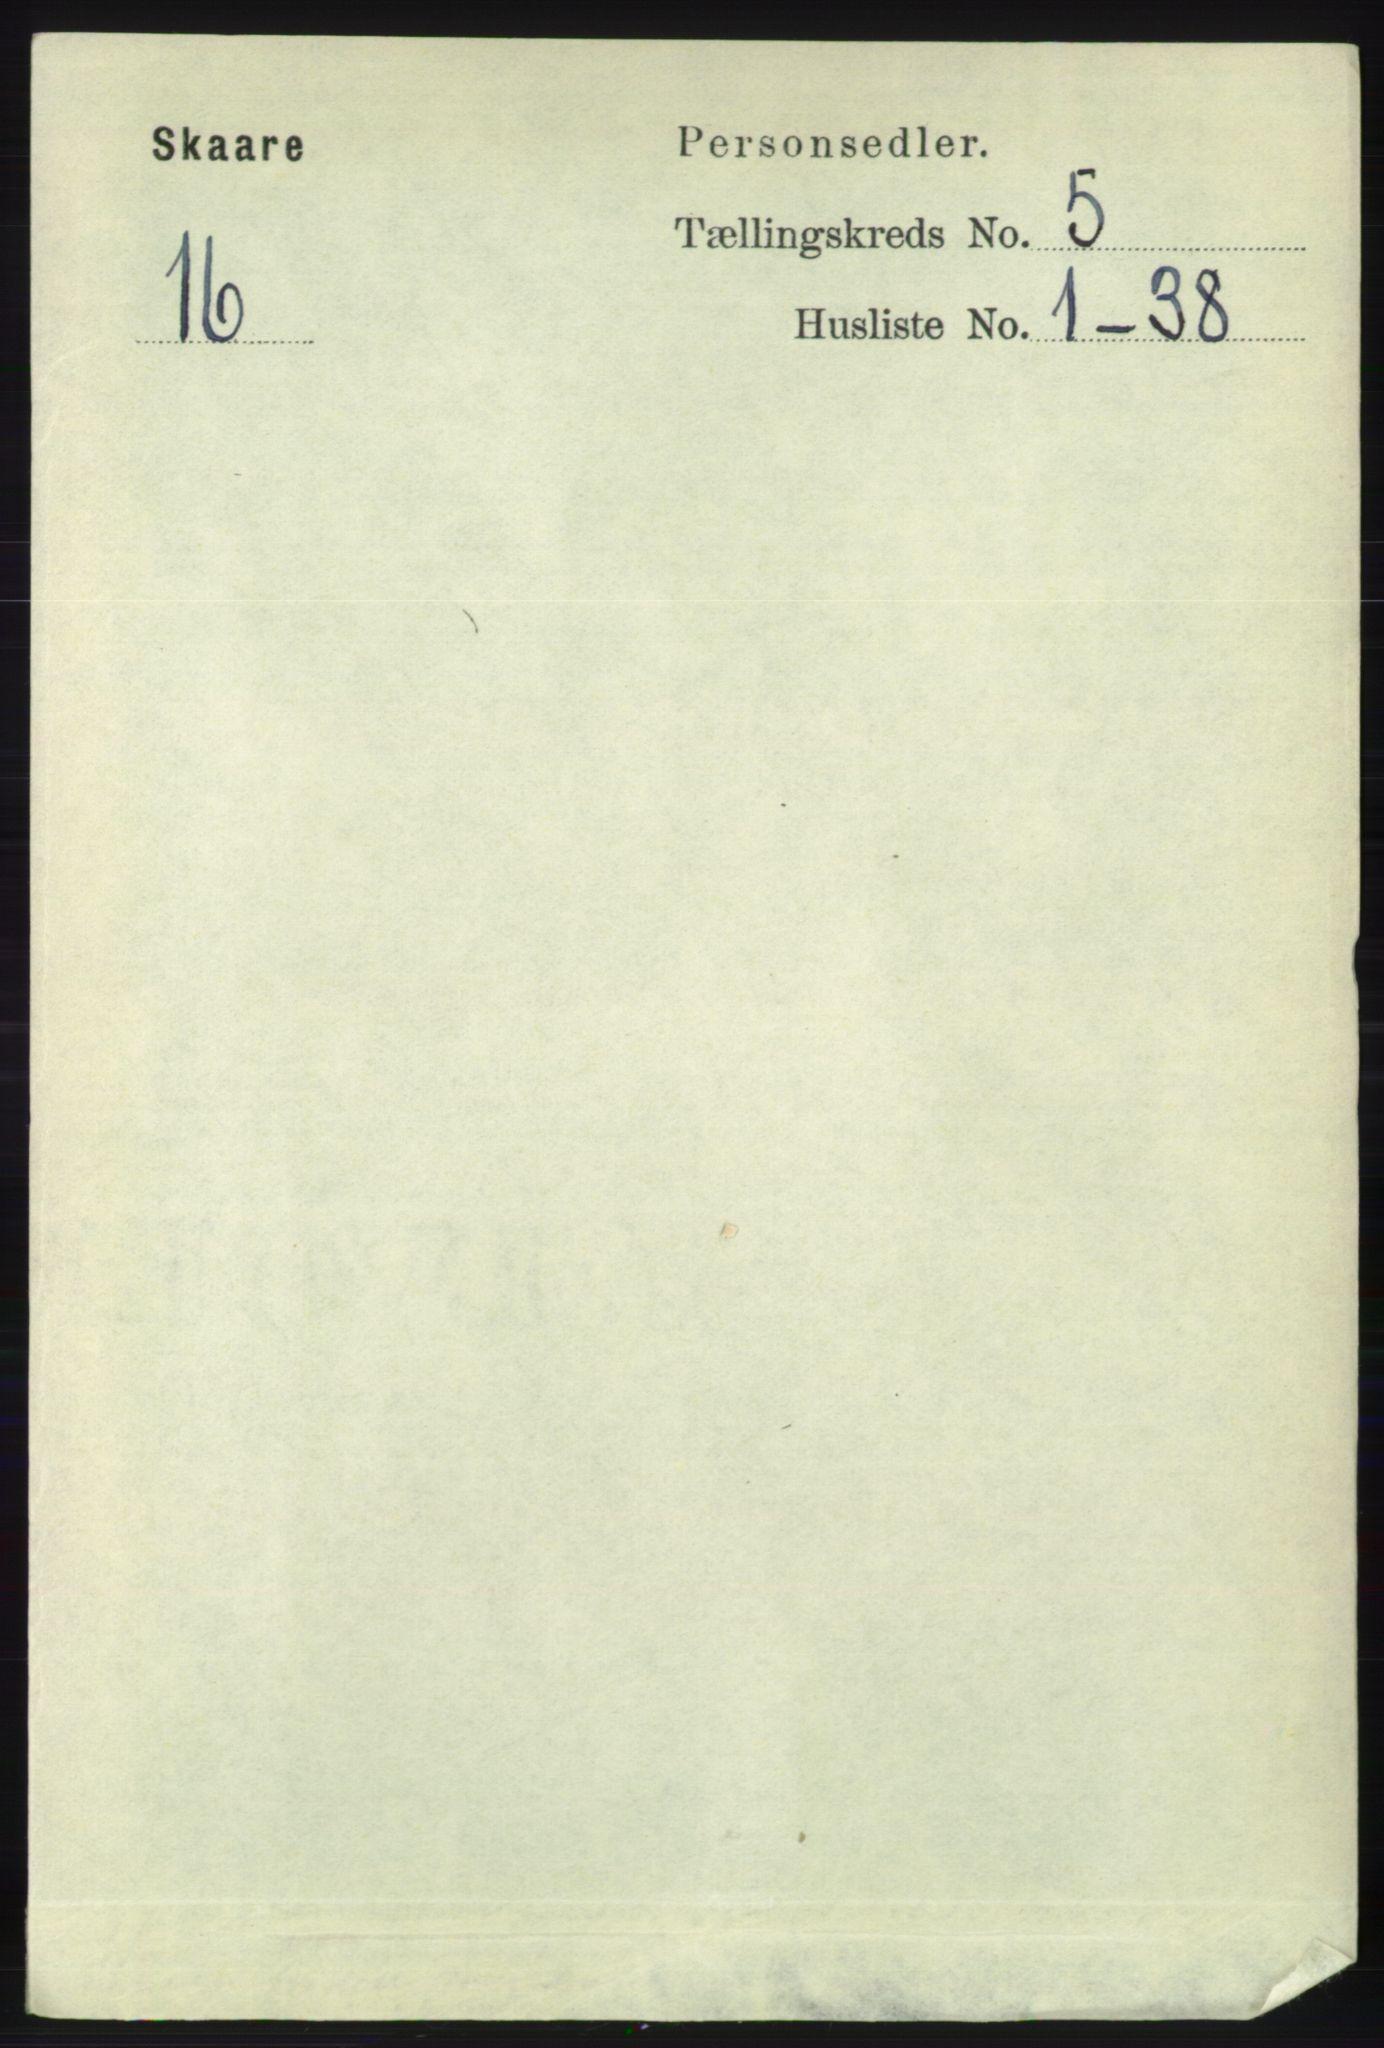 RA, Folketelling 1891 for 1153 Skåre herred, 1891, s. 2154